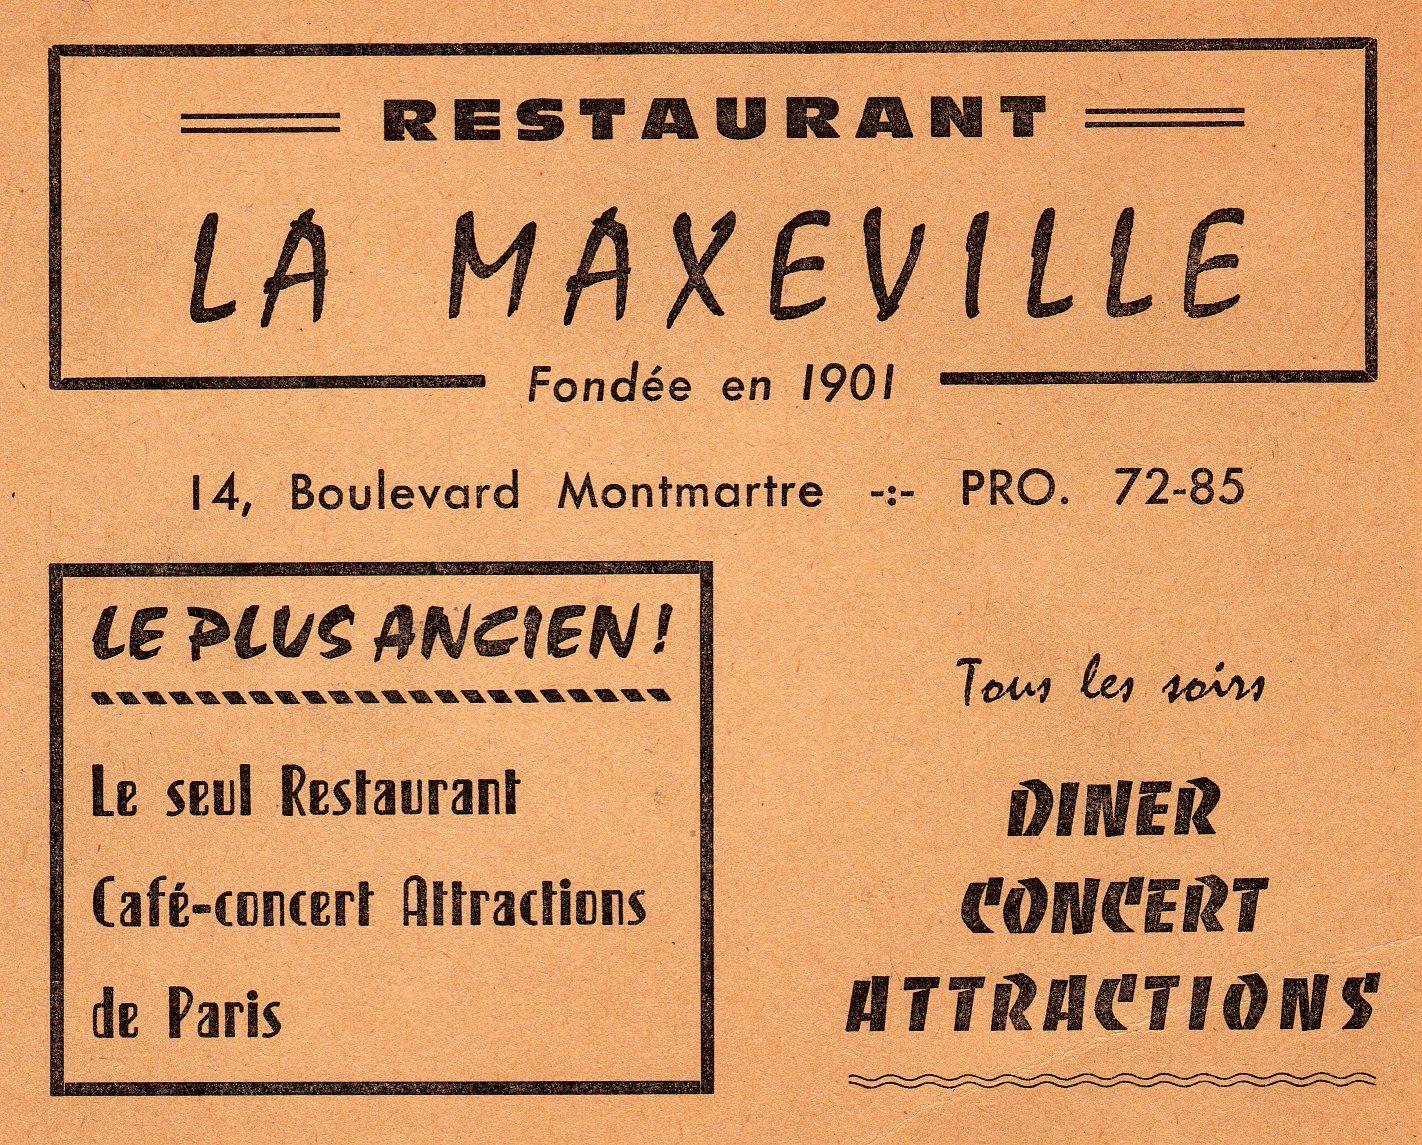 maxeville156.jpg